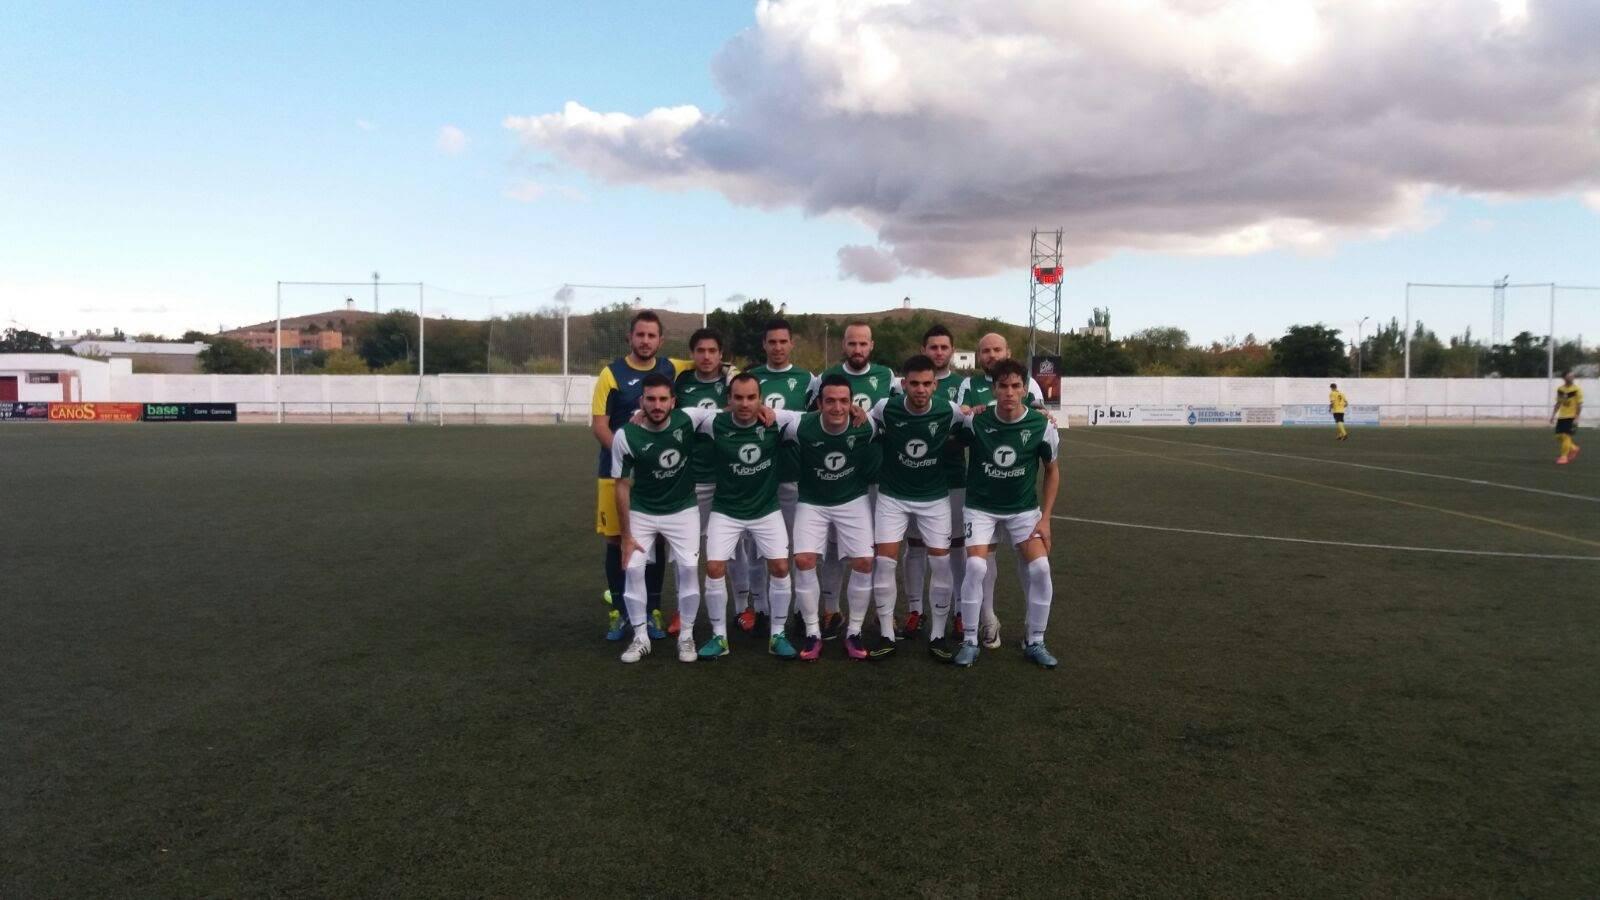 Herencia club de futbol partido 5 noviembre 2016 - Herencia C.F. escala posiciones y mira hacia arriba tras el 4-2 frente a Valenzuela